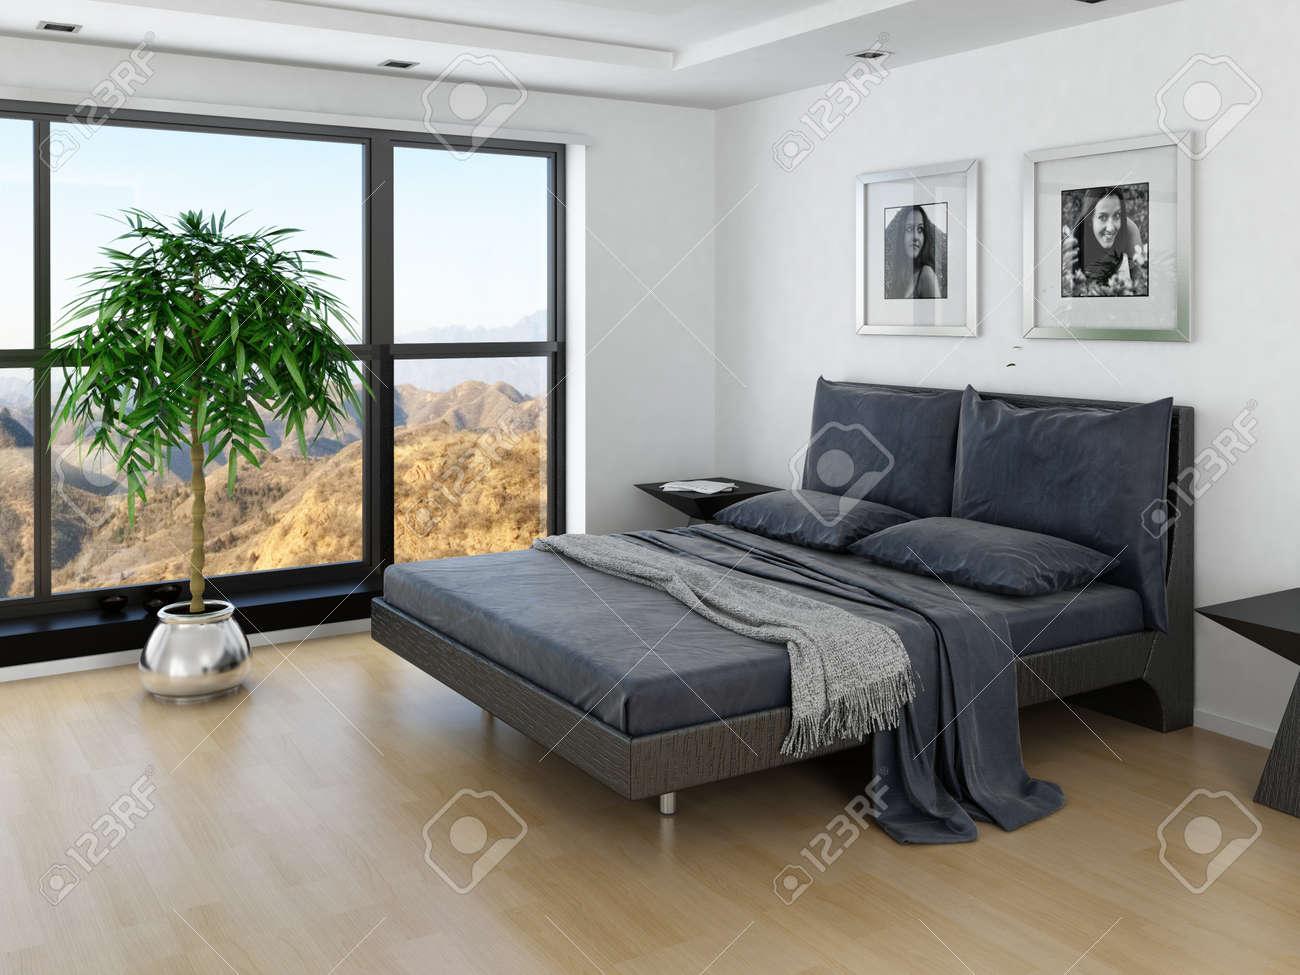 banque dimages intrieur de la chambre moderne avec un lit gris et immense fentre